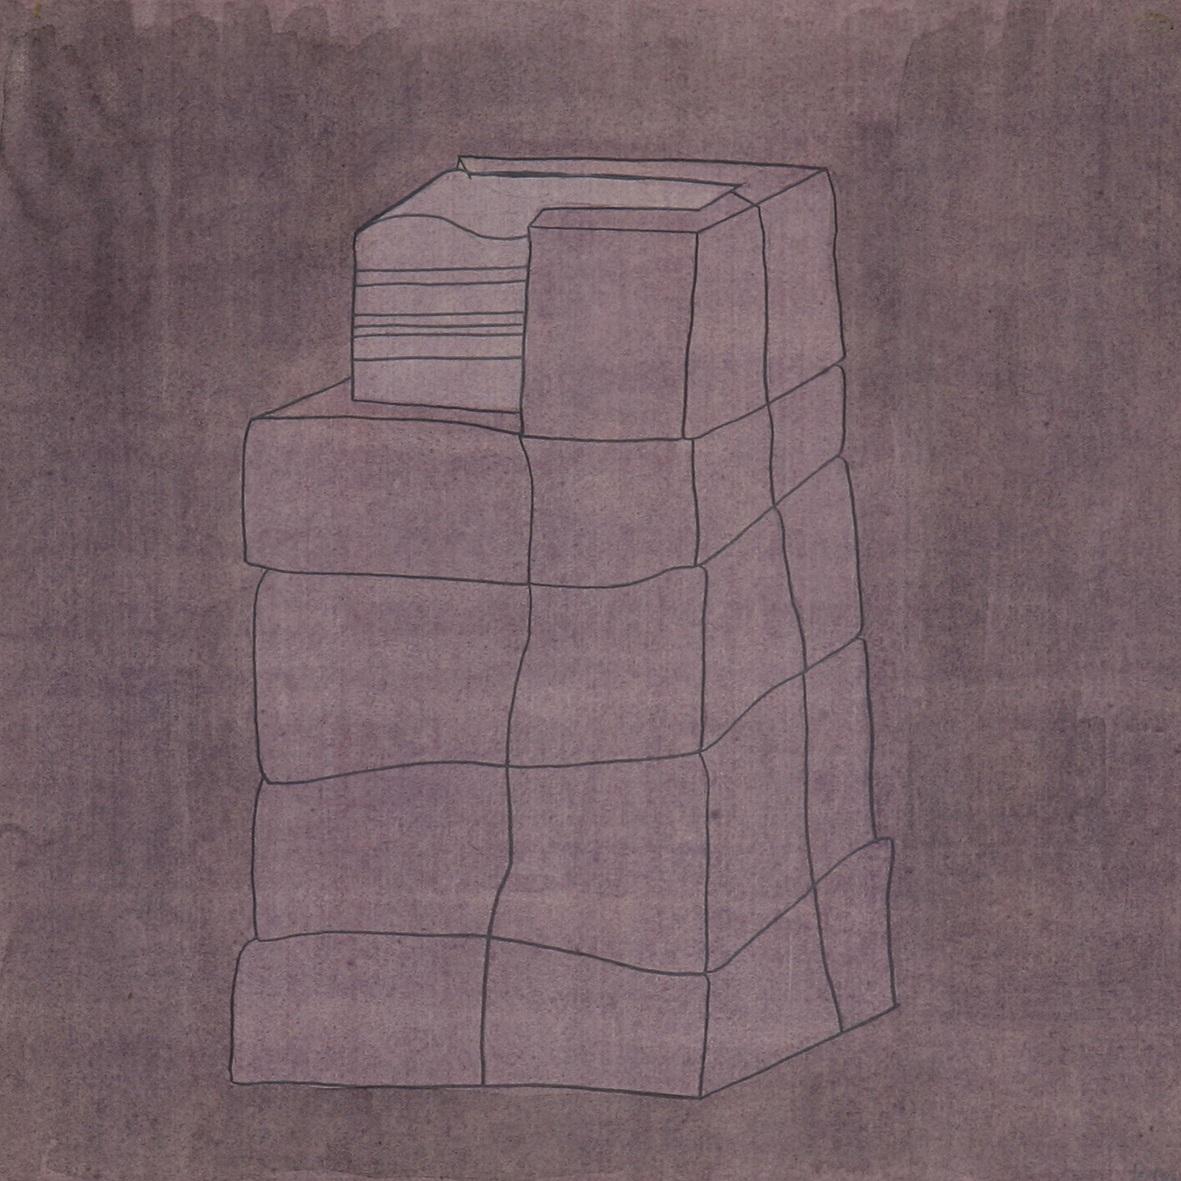 MODULE. GENESIS (1981) MIXED TECHNIQUE ON PAPER 30 X 29 CM X 5 PIECES